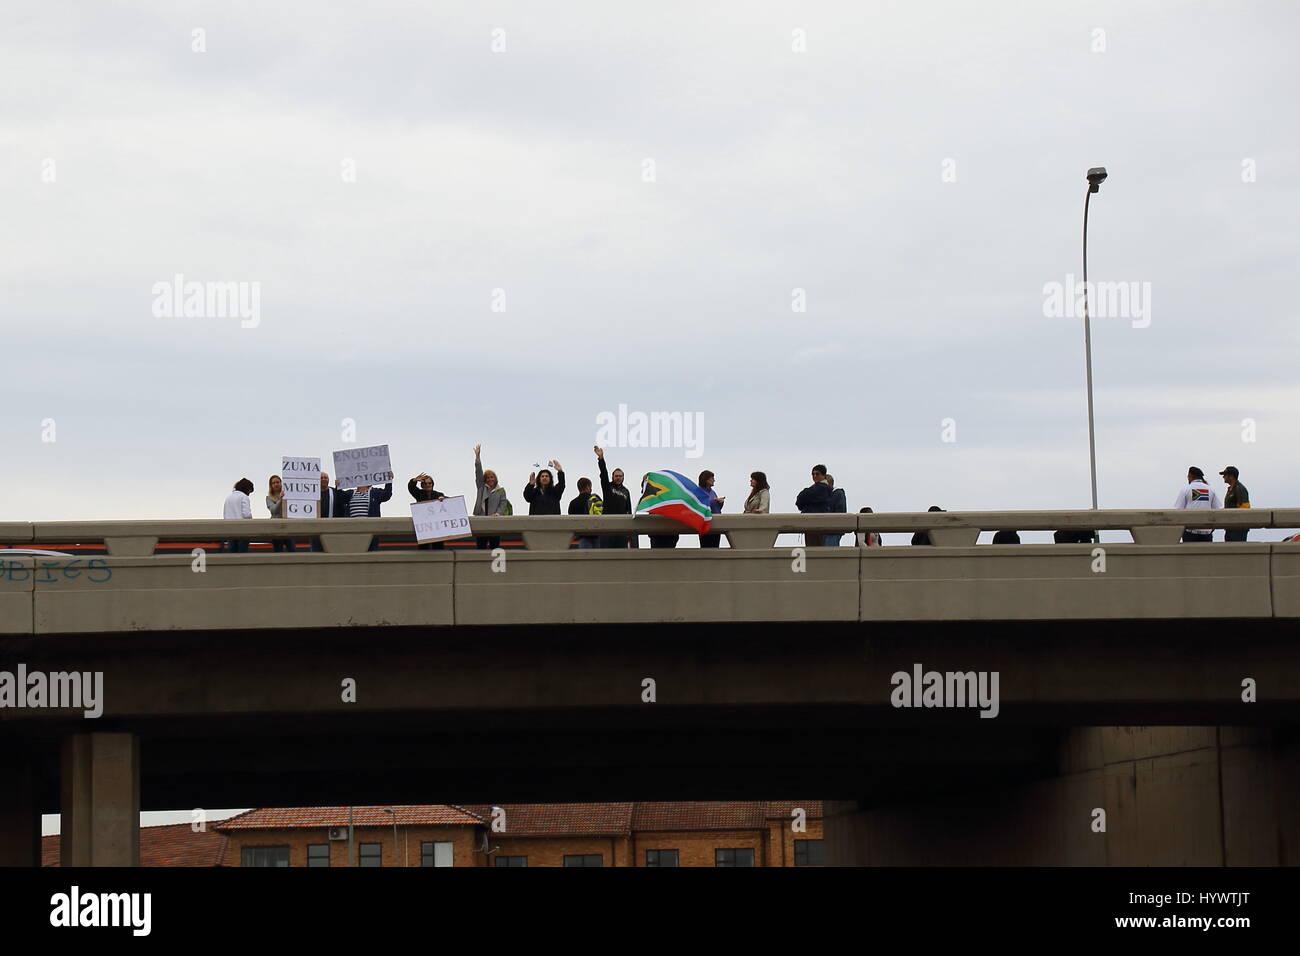 Johannesburgo, Sudáfrica. 7 abr, 2017. Los ciudadanos protestan contra la presidencia del Presidente Jacob Zuma Foto de stock